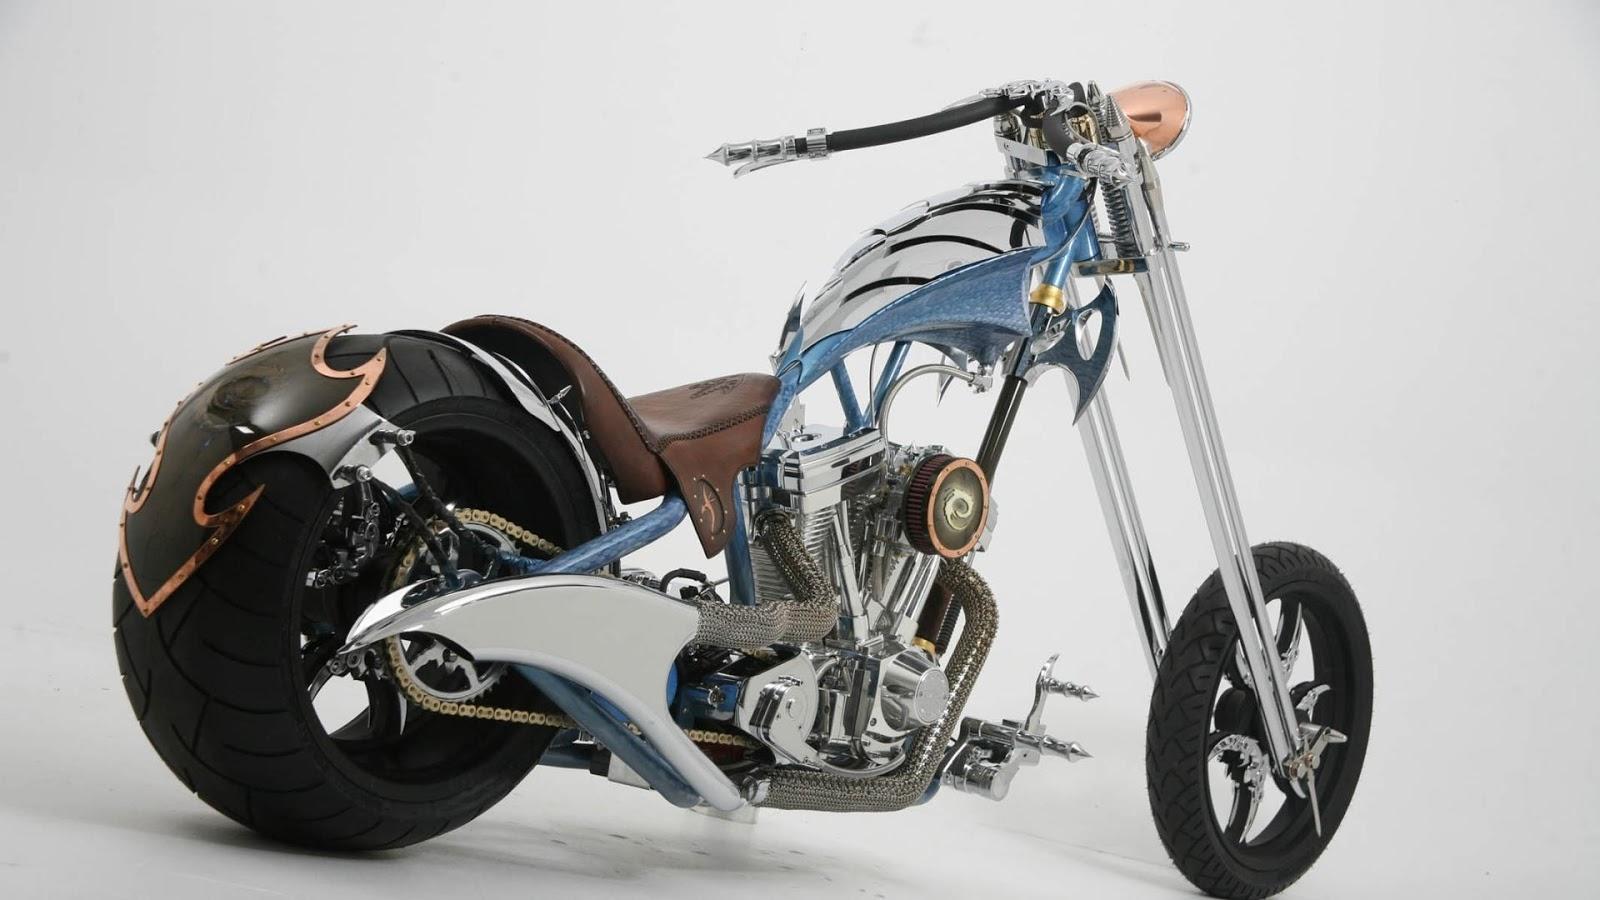 http://3.bp.blogspot.com/-9OIbIhssc2k/UJbrDQ0YwxI/AAAAAAAAGzg/J8B57pRfPU8/s1600/Chopper_Bike_Wallpaper_2.jpg